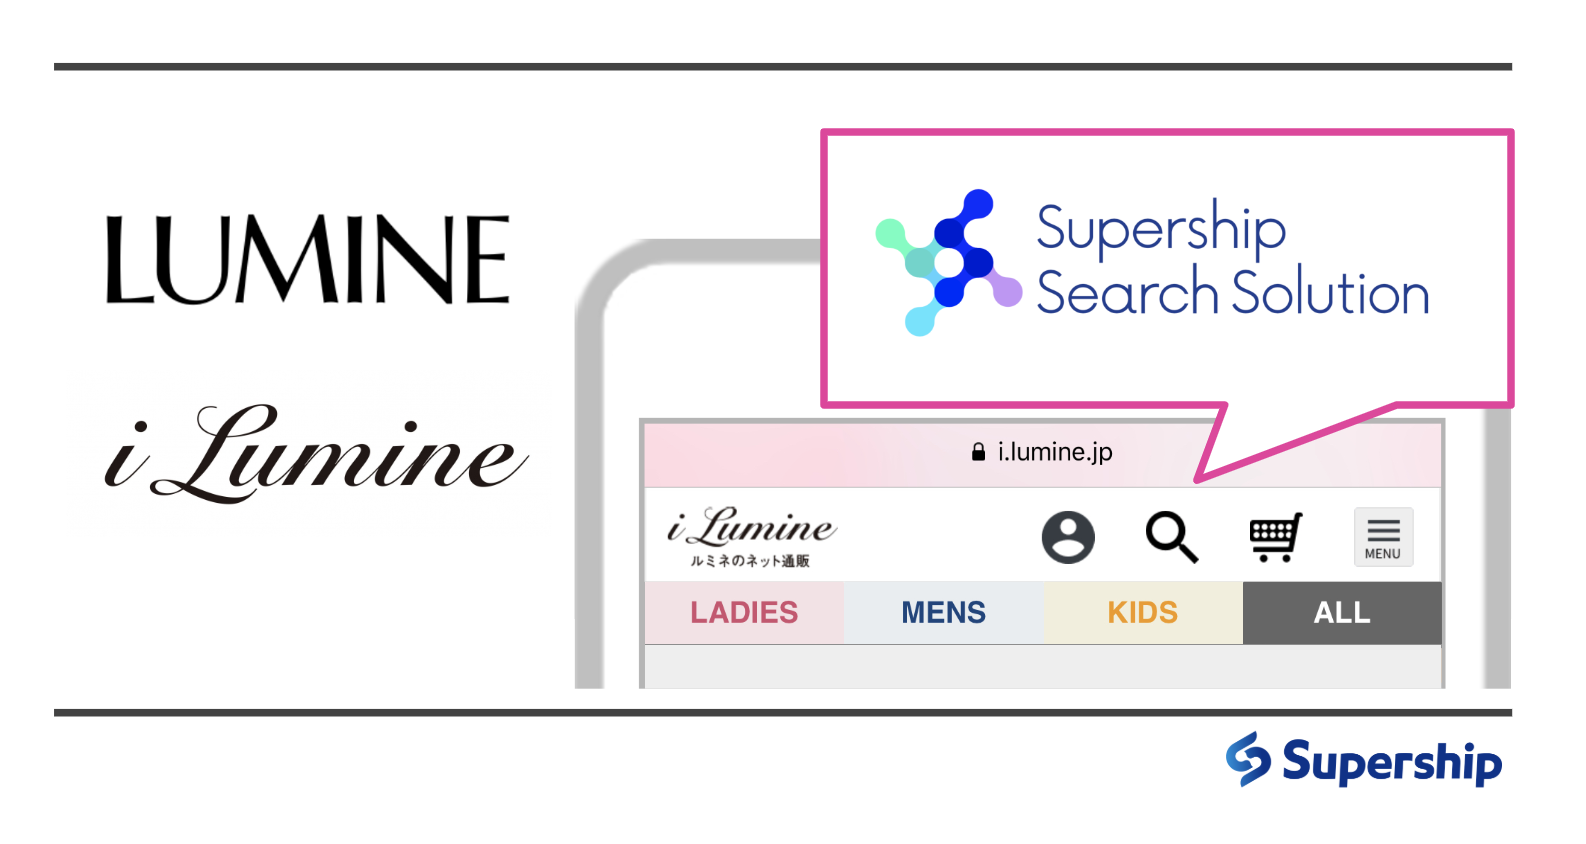 サイト内検索ソリューション「Supership Search Solution (S4)」、 ルミネのオンラインショッピングサイト「i LUMINE」が導入 〜スマホ用サイトのUI改修も実施、検索を起点としたユーザビリティを向上〜